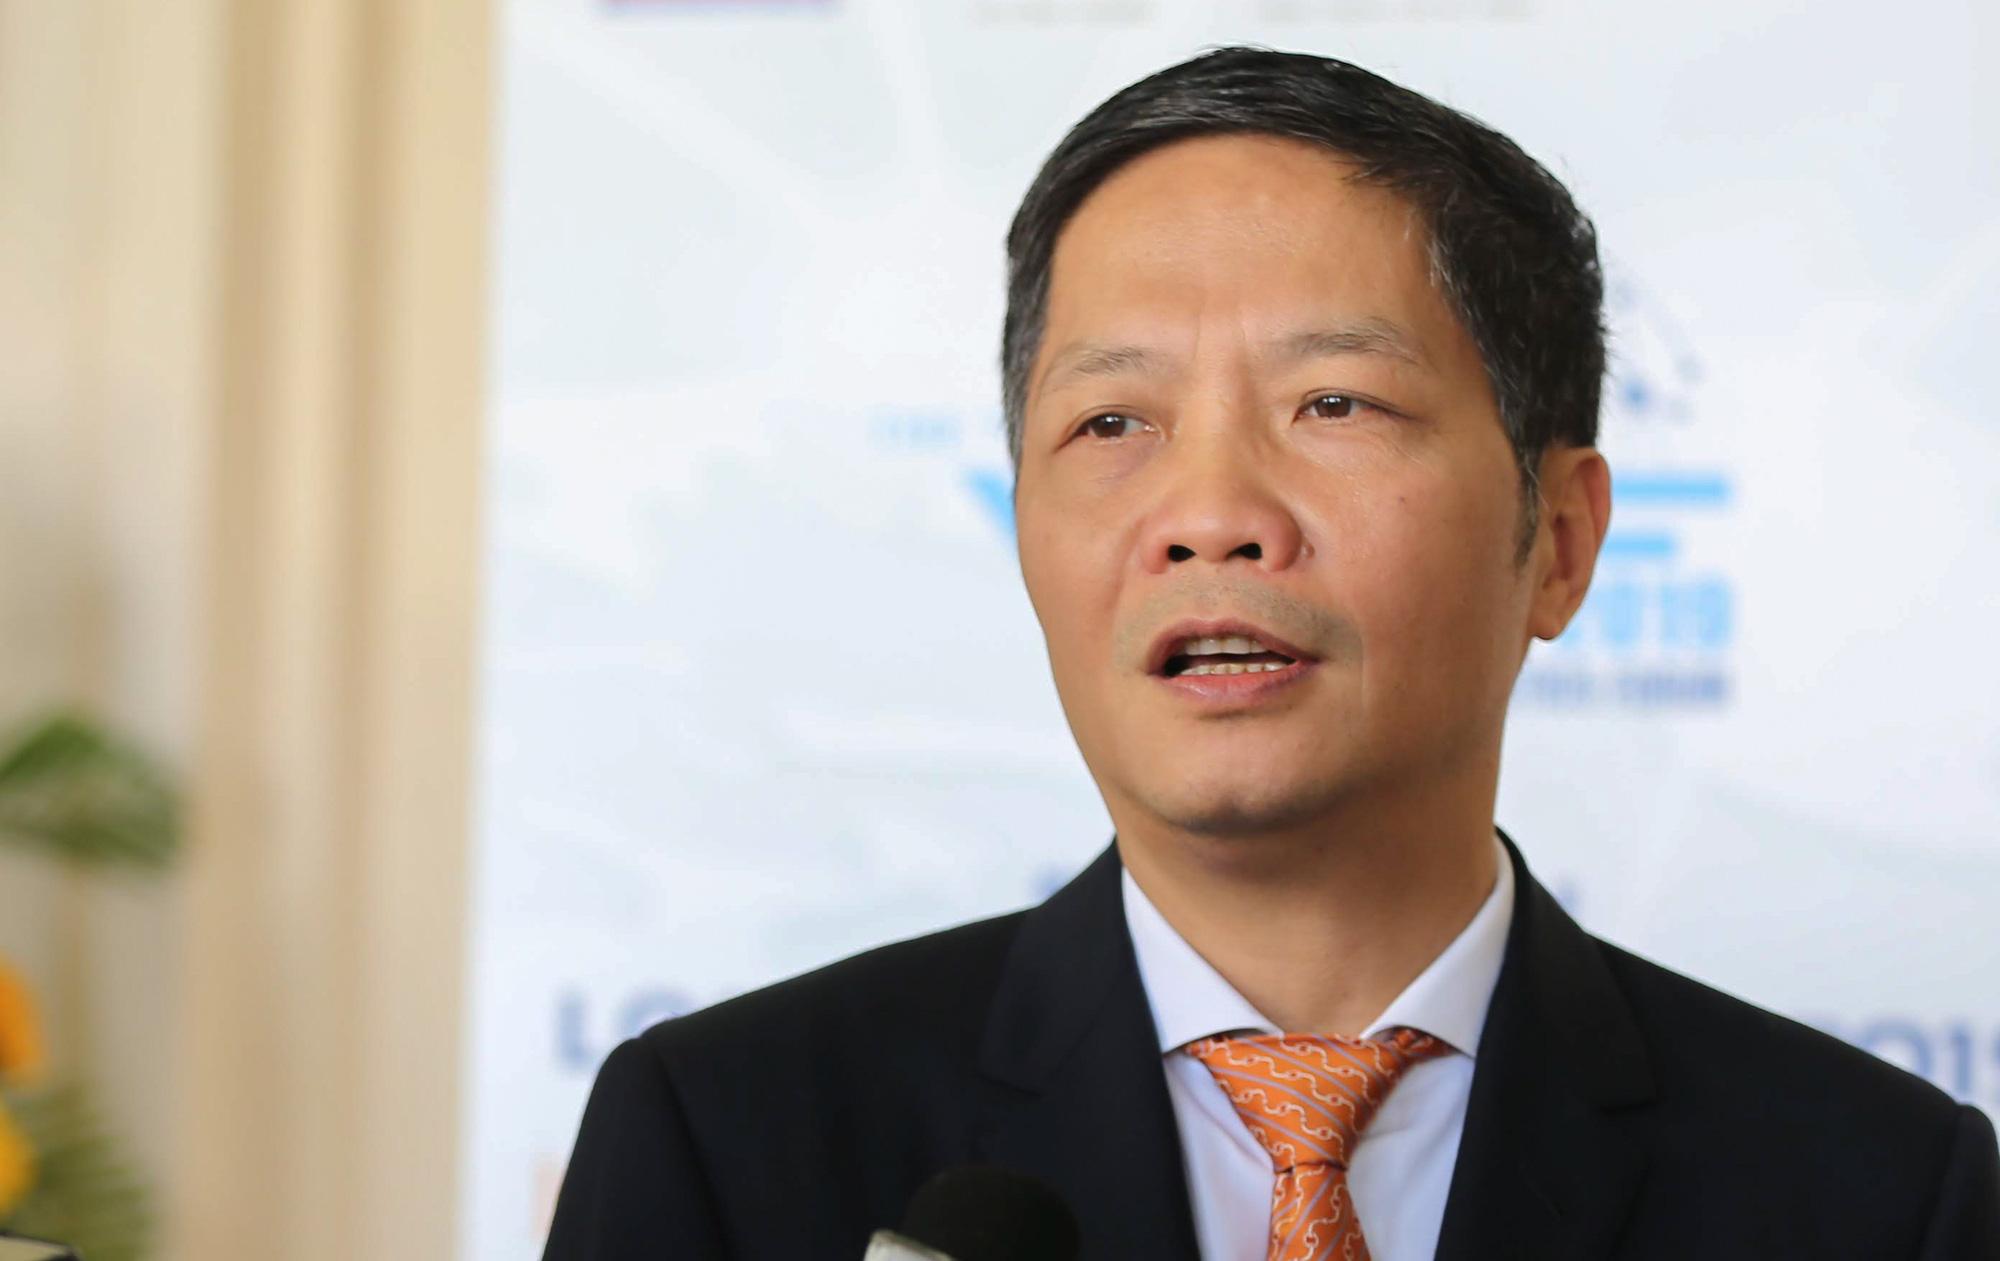 """Bộ trưởng Trần Tuấn Anh: """"Bộ Công Thương tin tưởng xuất khẩu sang thị trường CPTPP sẽ tăng trưởng"""" - Ảnh 2."""